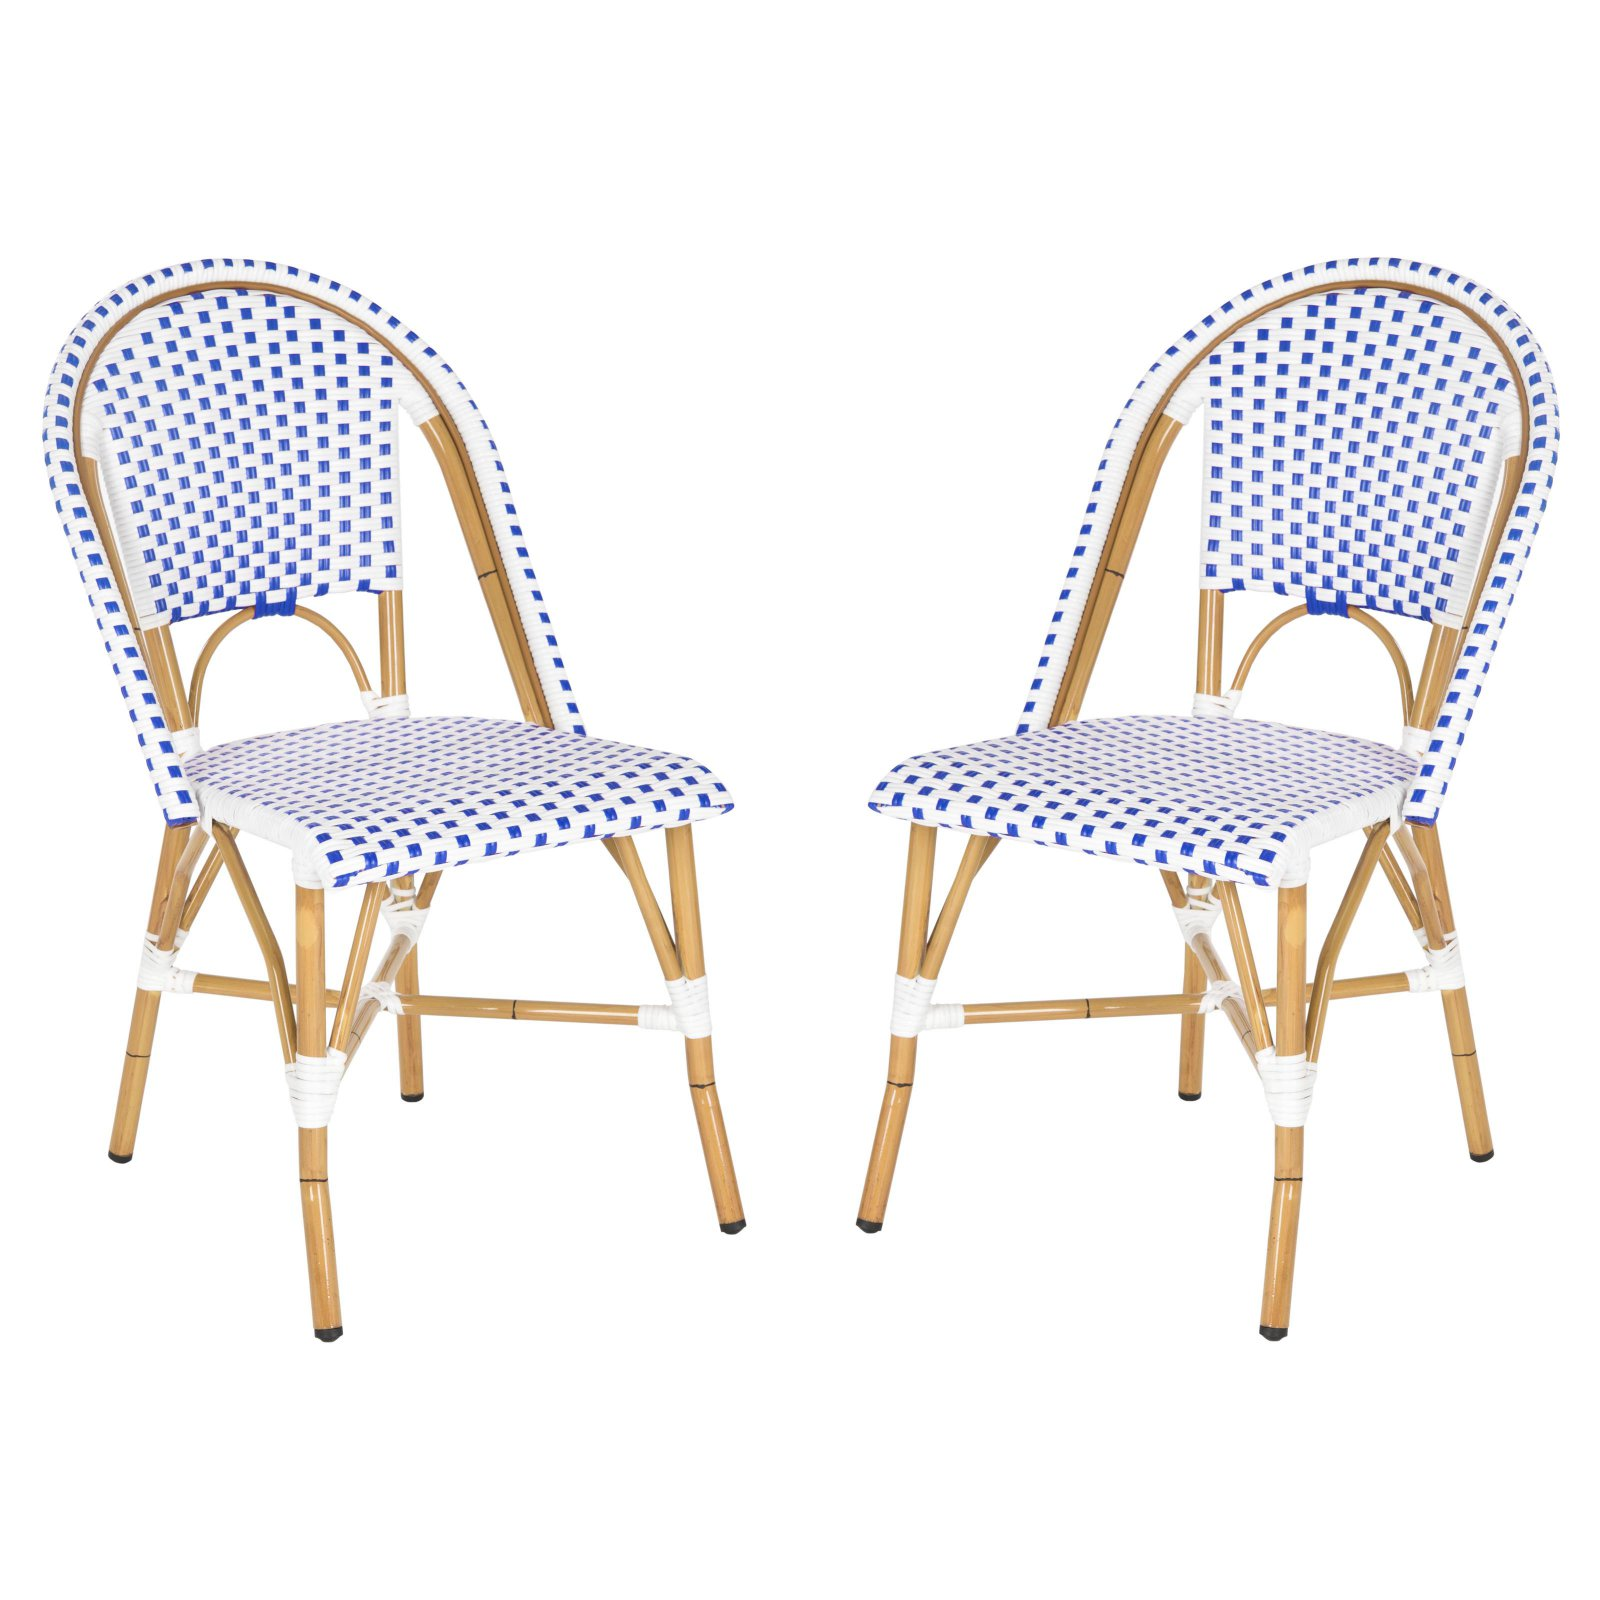 Safavieh Salcha Indoor/Outdoor Stacking Side Chair, Set of 2